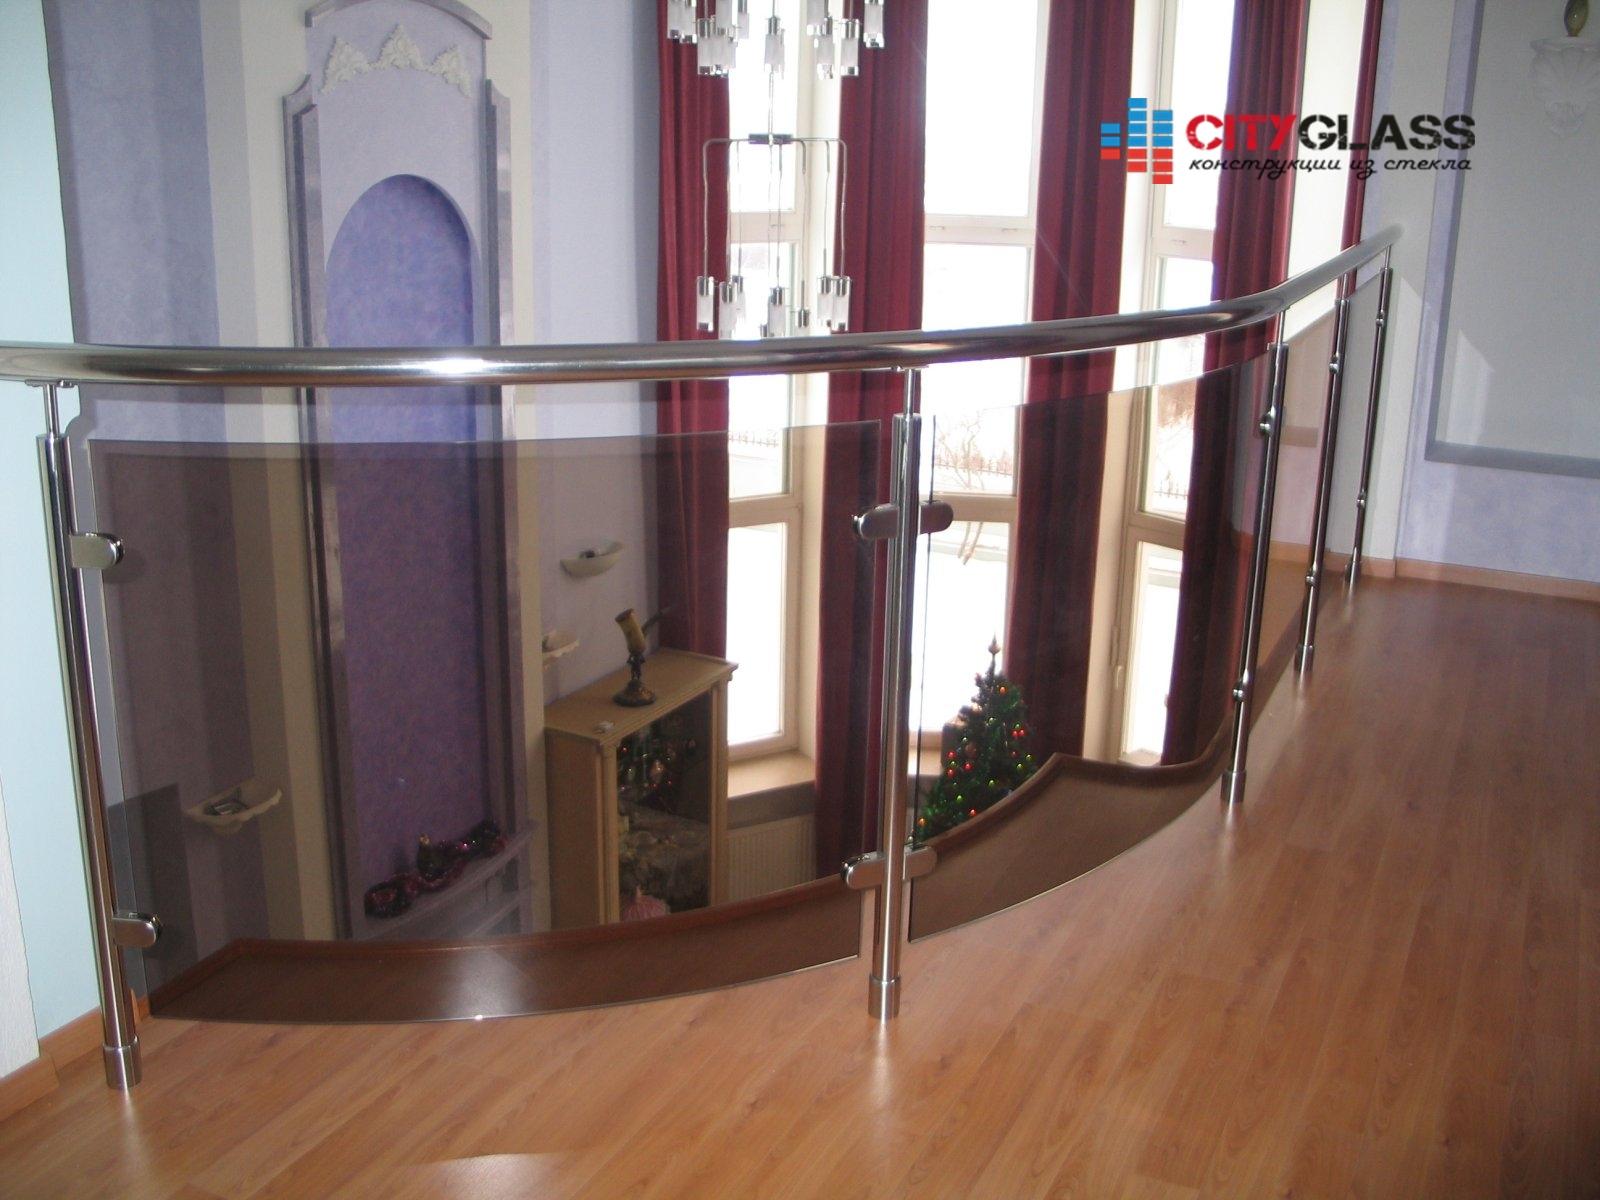 Галерея ограждений из стекла - 119